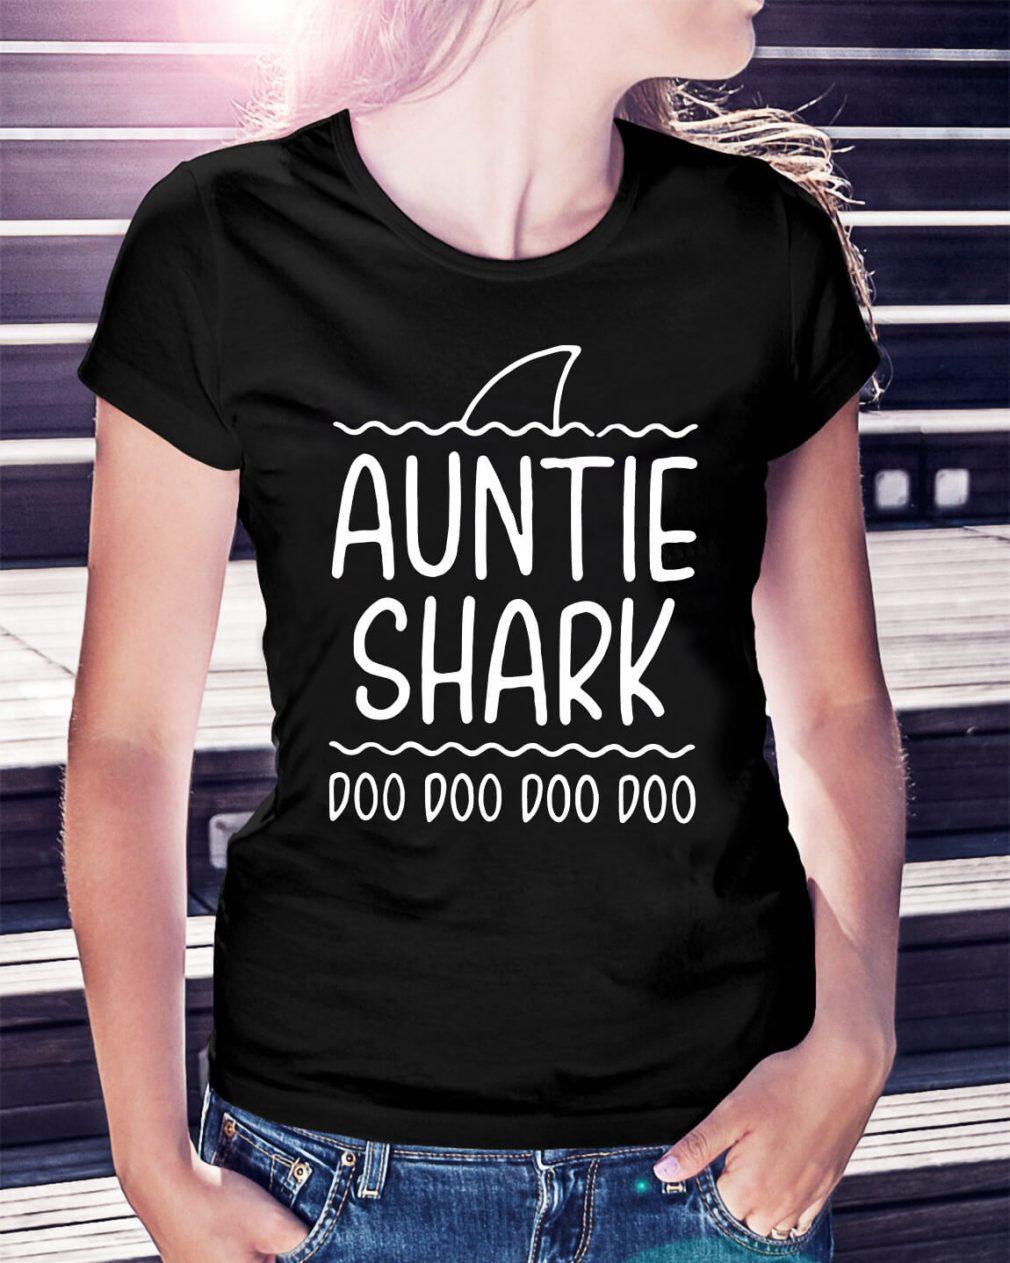 Auntie shark doo doo doo doo Ladies Tee